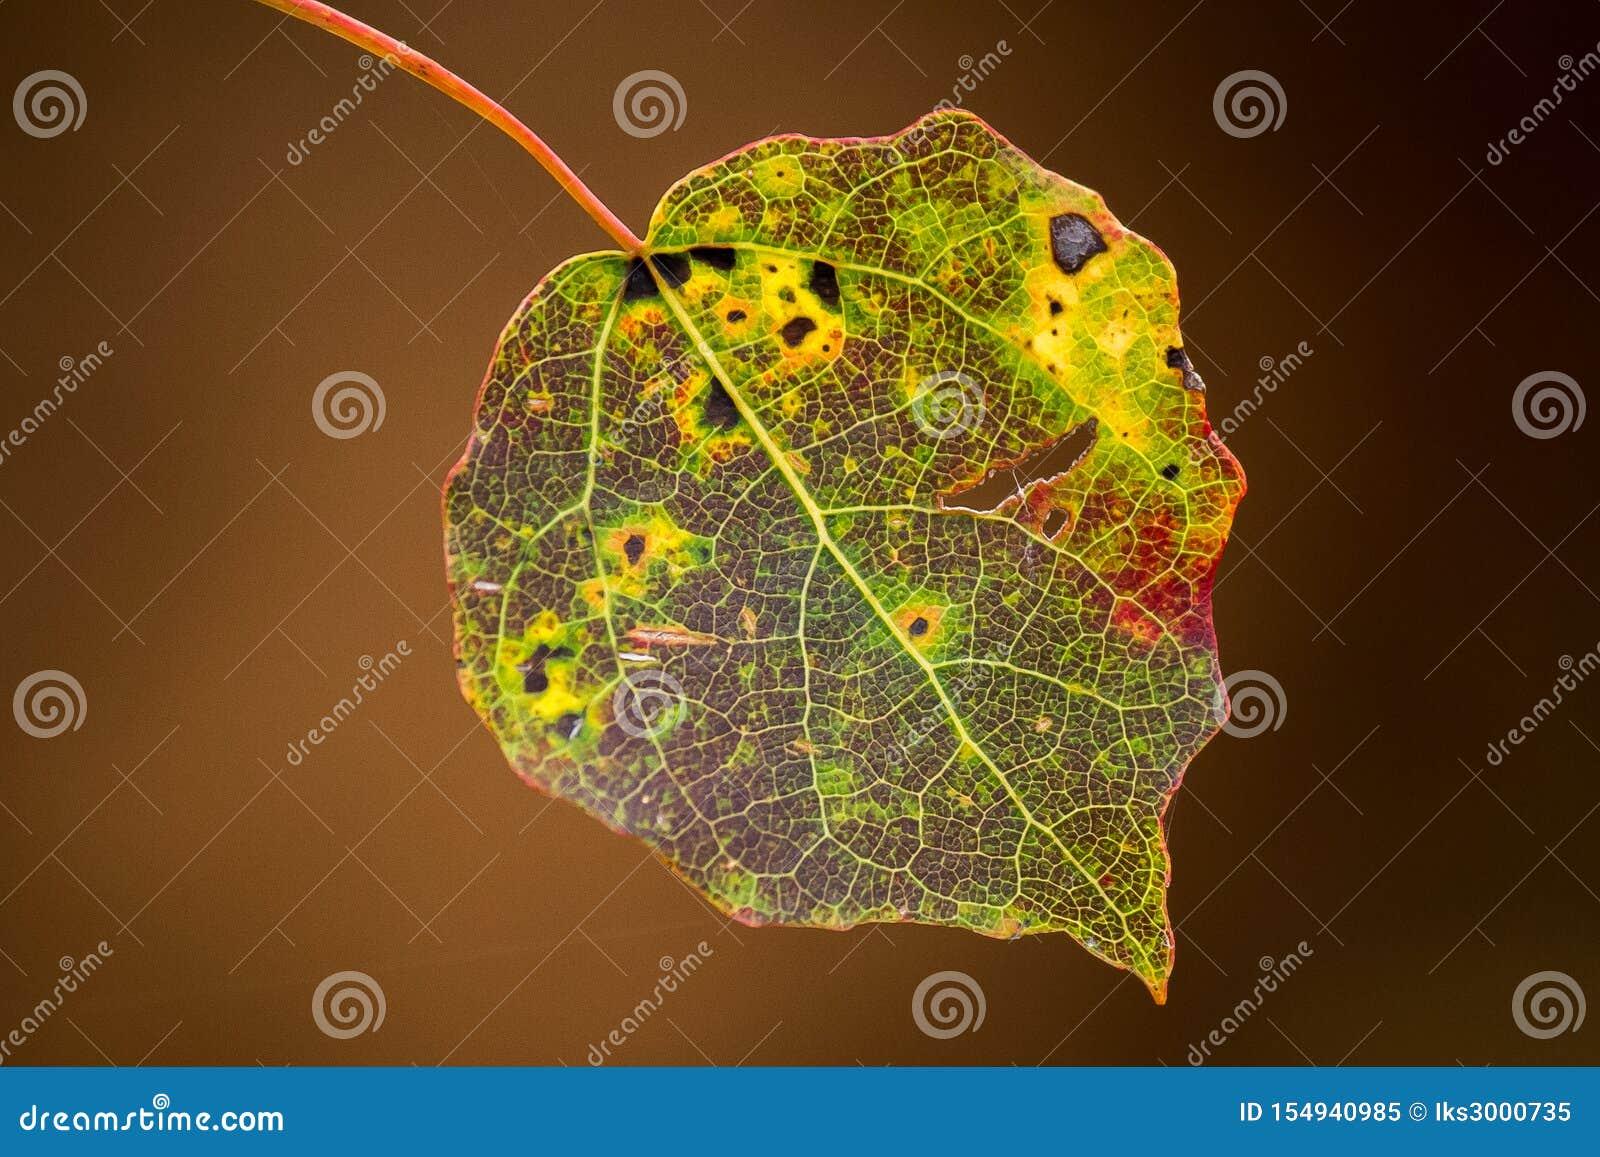 La feuille de l arbre a le modèle coloré